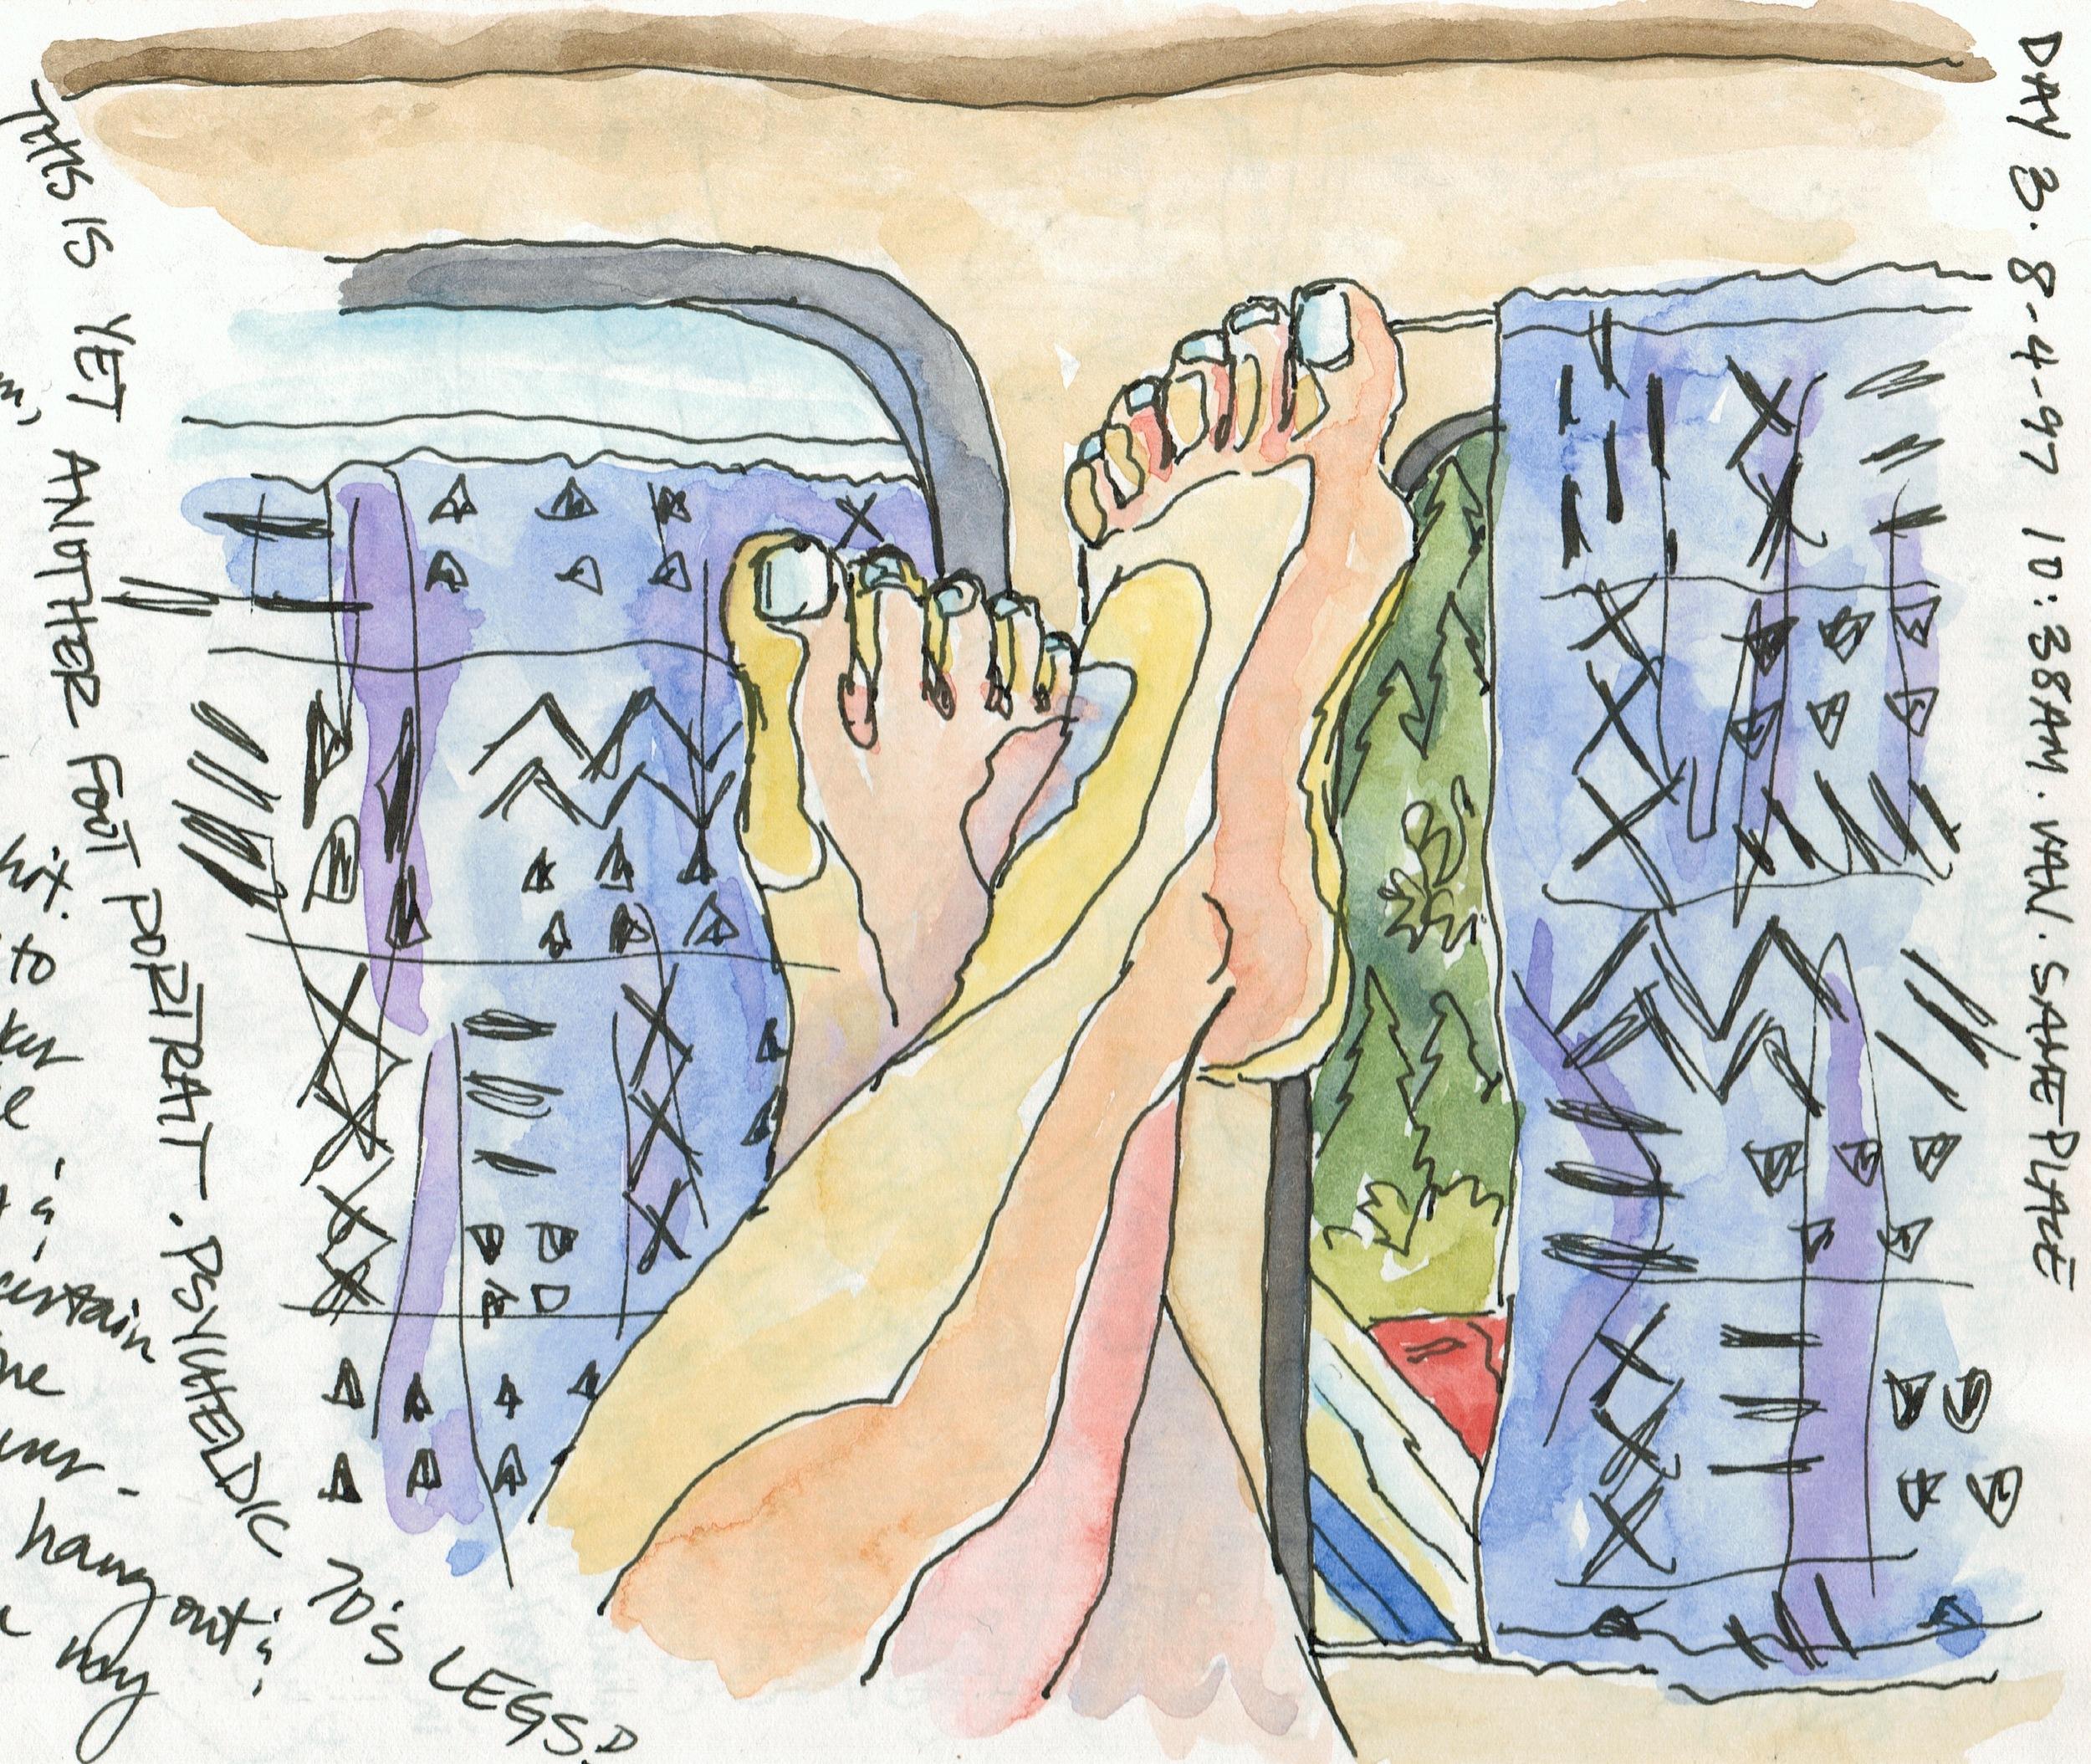 FeetInVan1997.jpeg